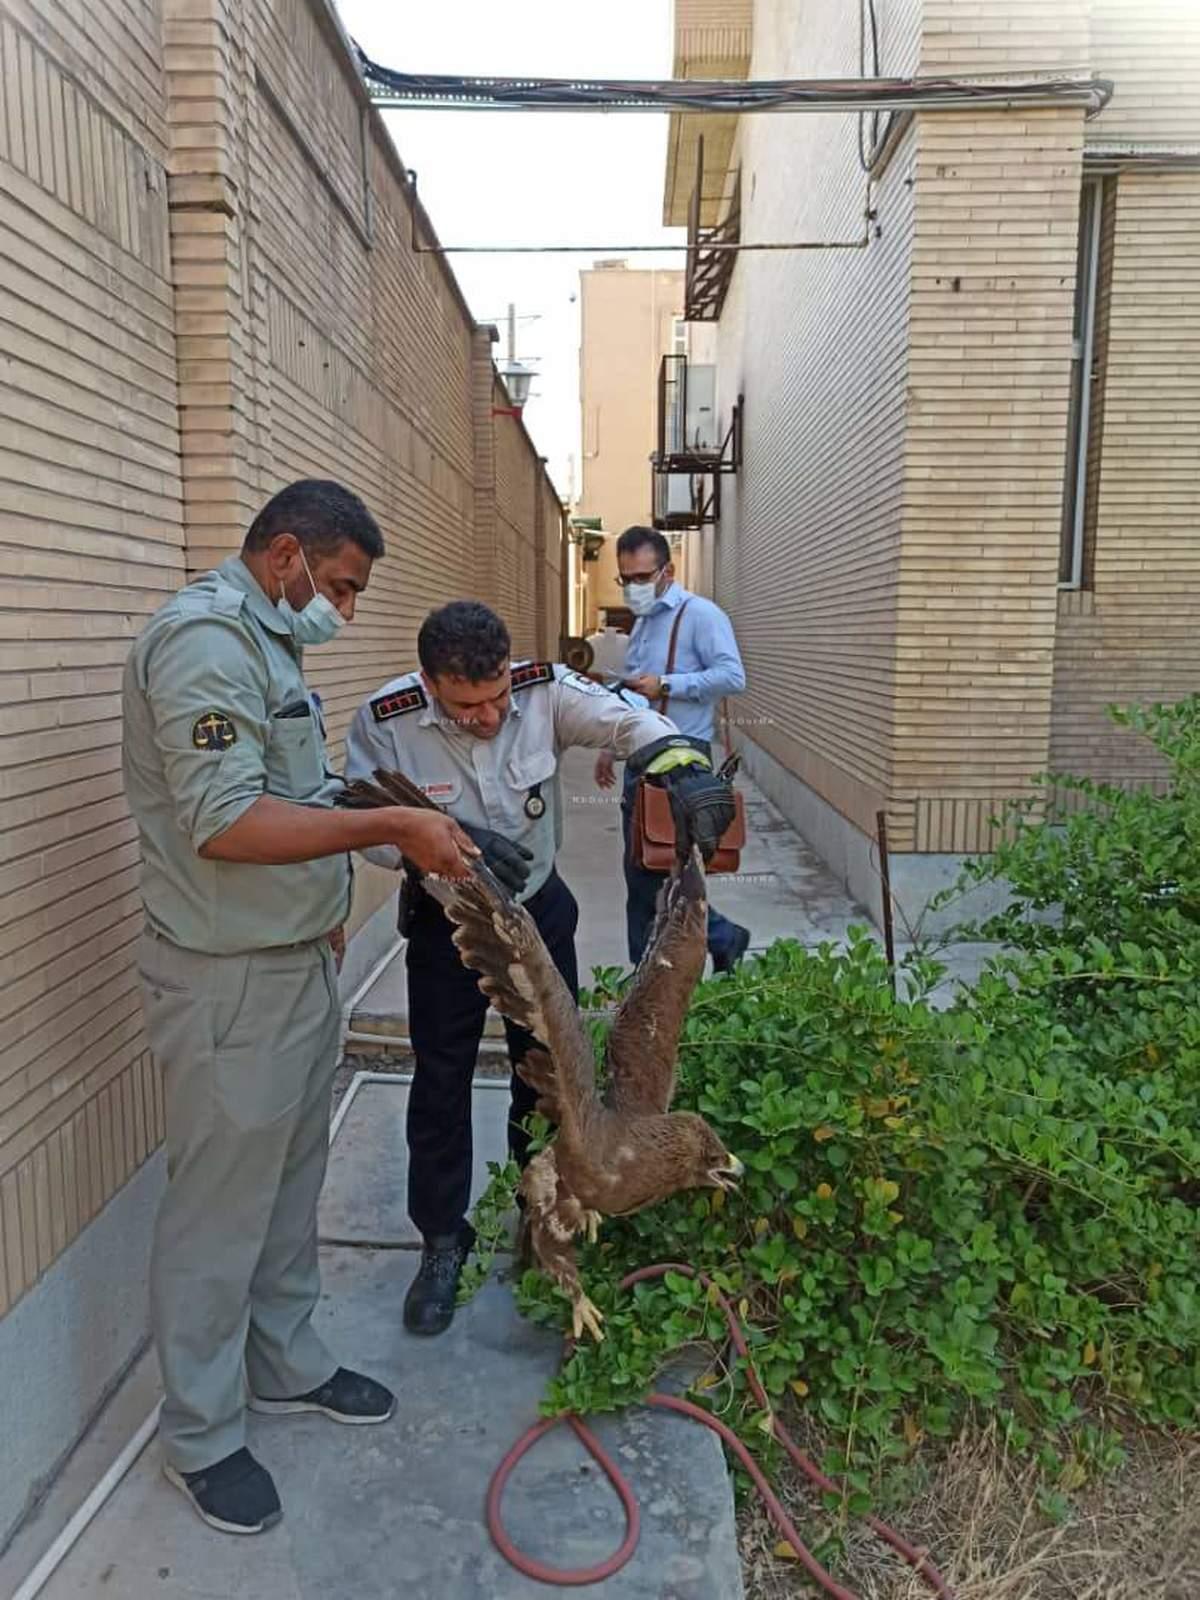 شکار یک بهله عقاب در منزل مسکونی در  پادادشهر  اهواز